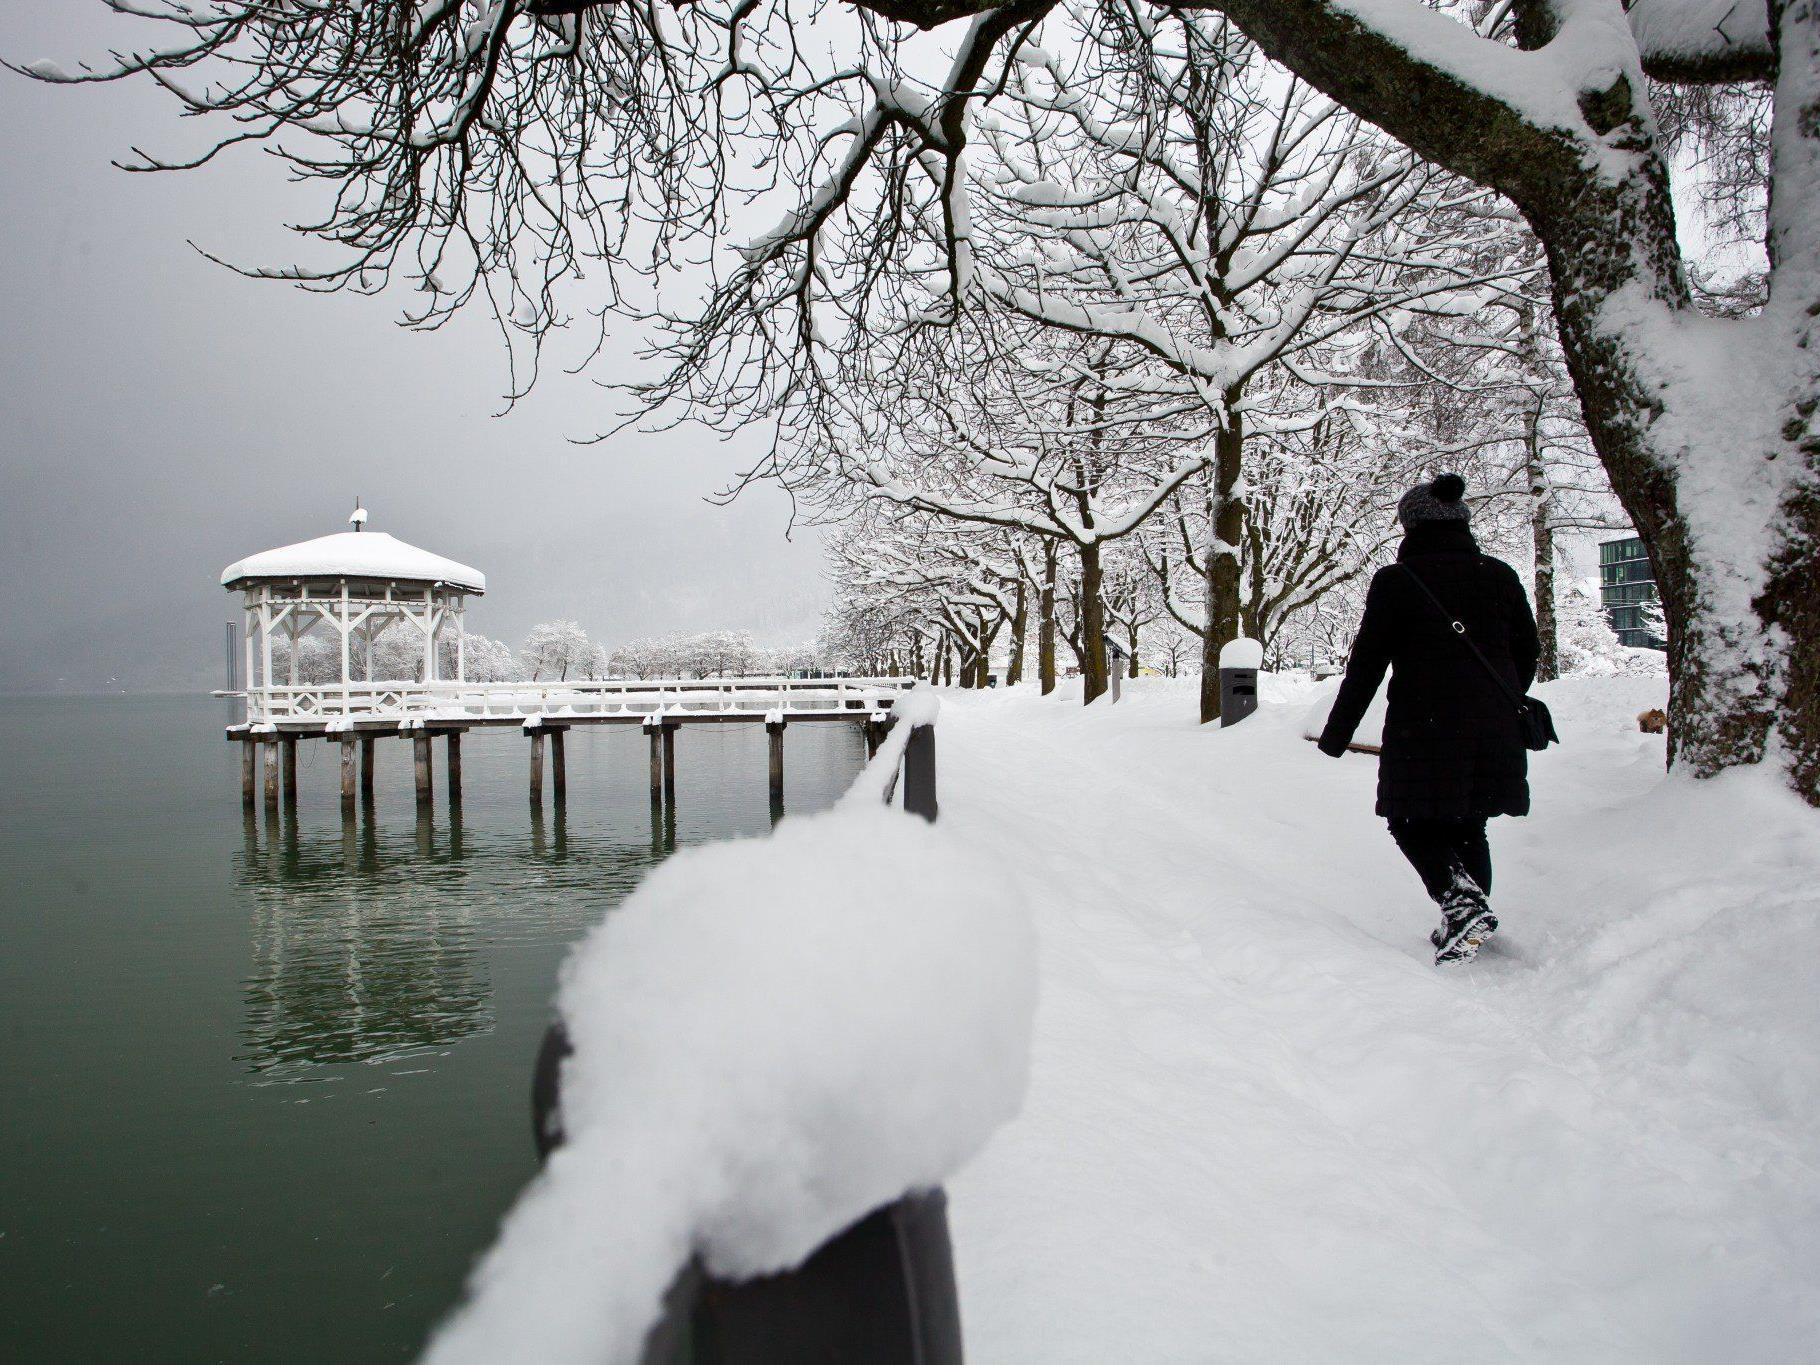 Der Winter 2012/13 war laut ZAMG der trübste seit 110 Jahren.